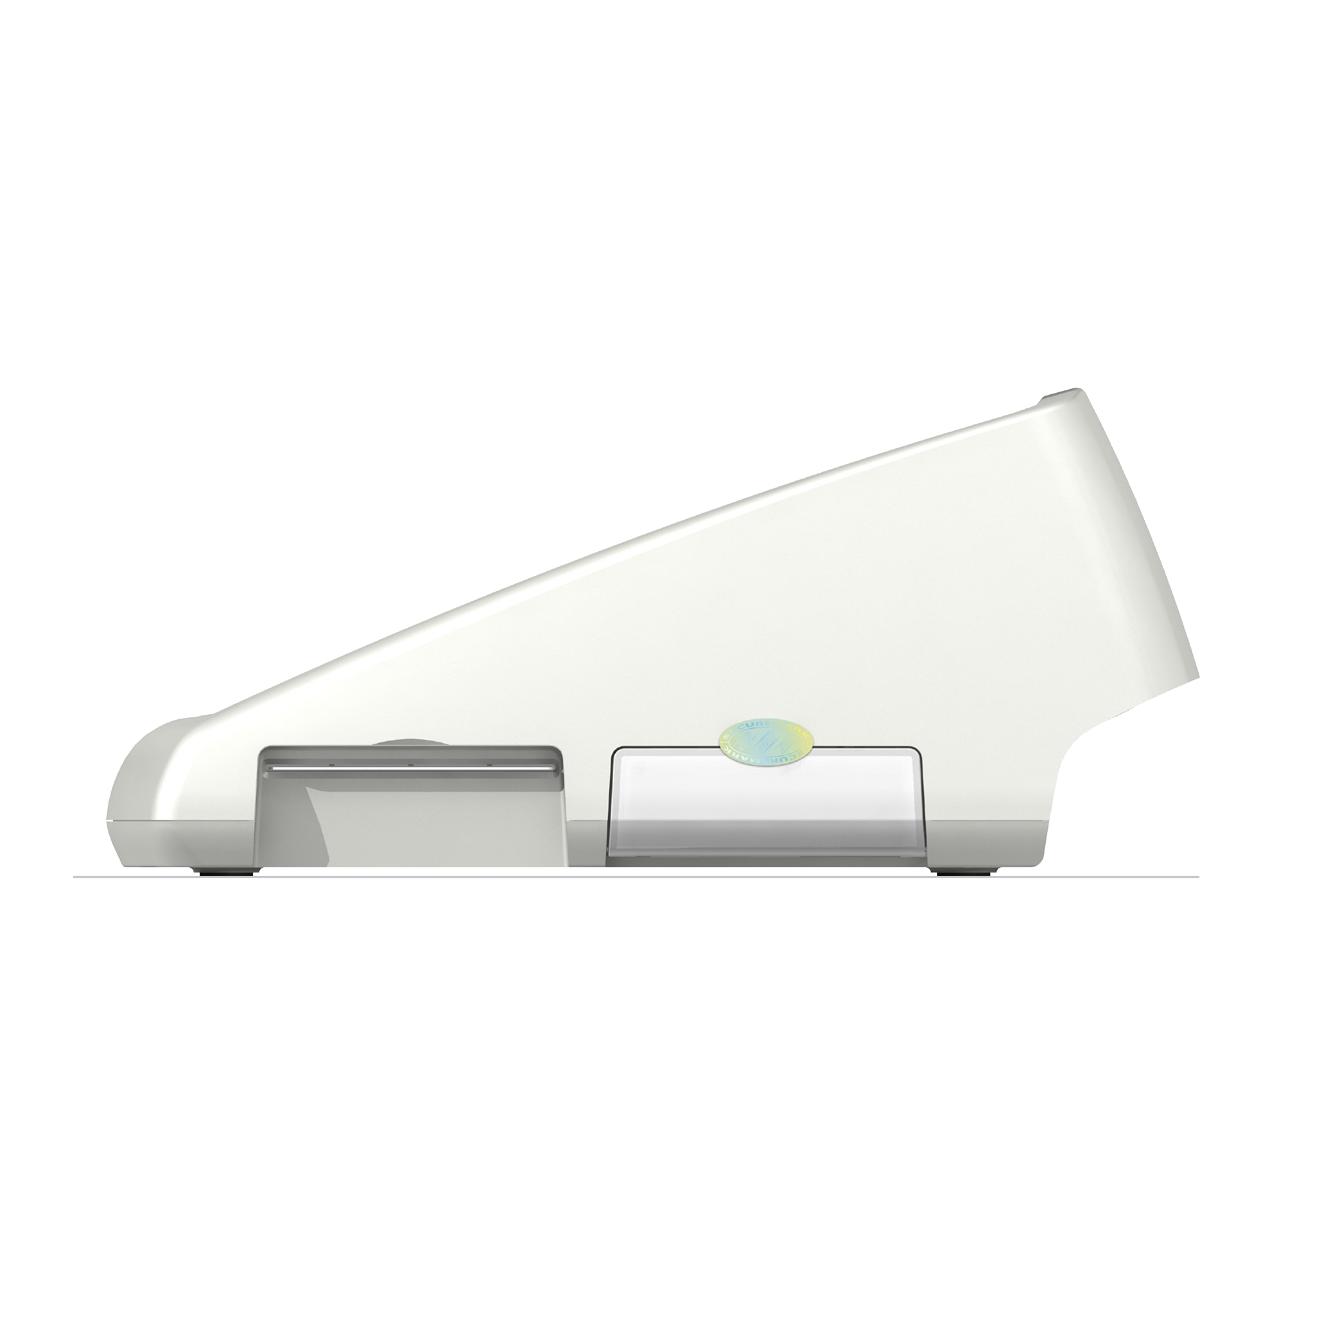 GT900 BCS, Productdesign, und Designmodell (3D-Druck) by Constin, rendering aus SolodWorks: Designgehäuse eines weißen Kartenlesers mit Folientastatur von der Seite